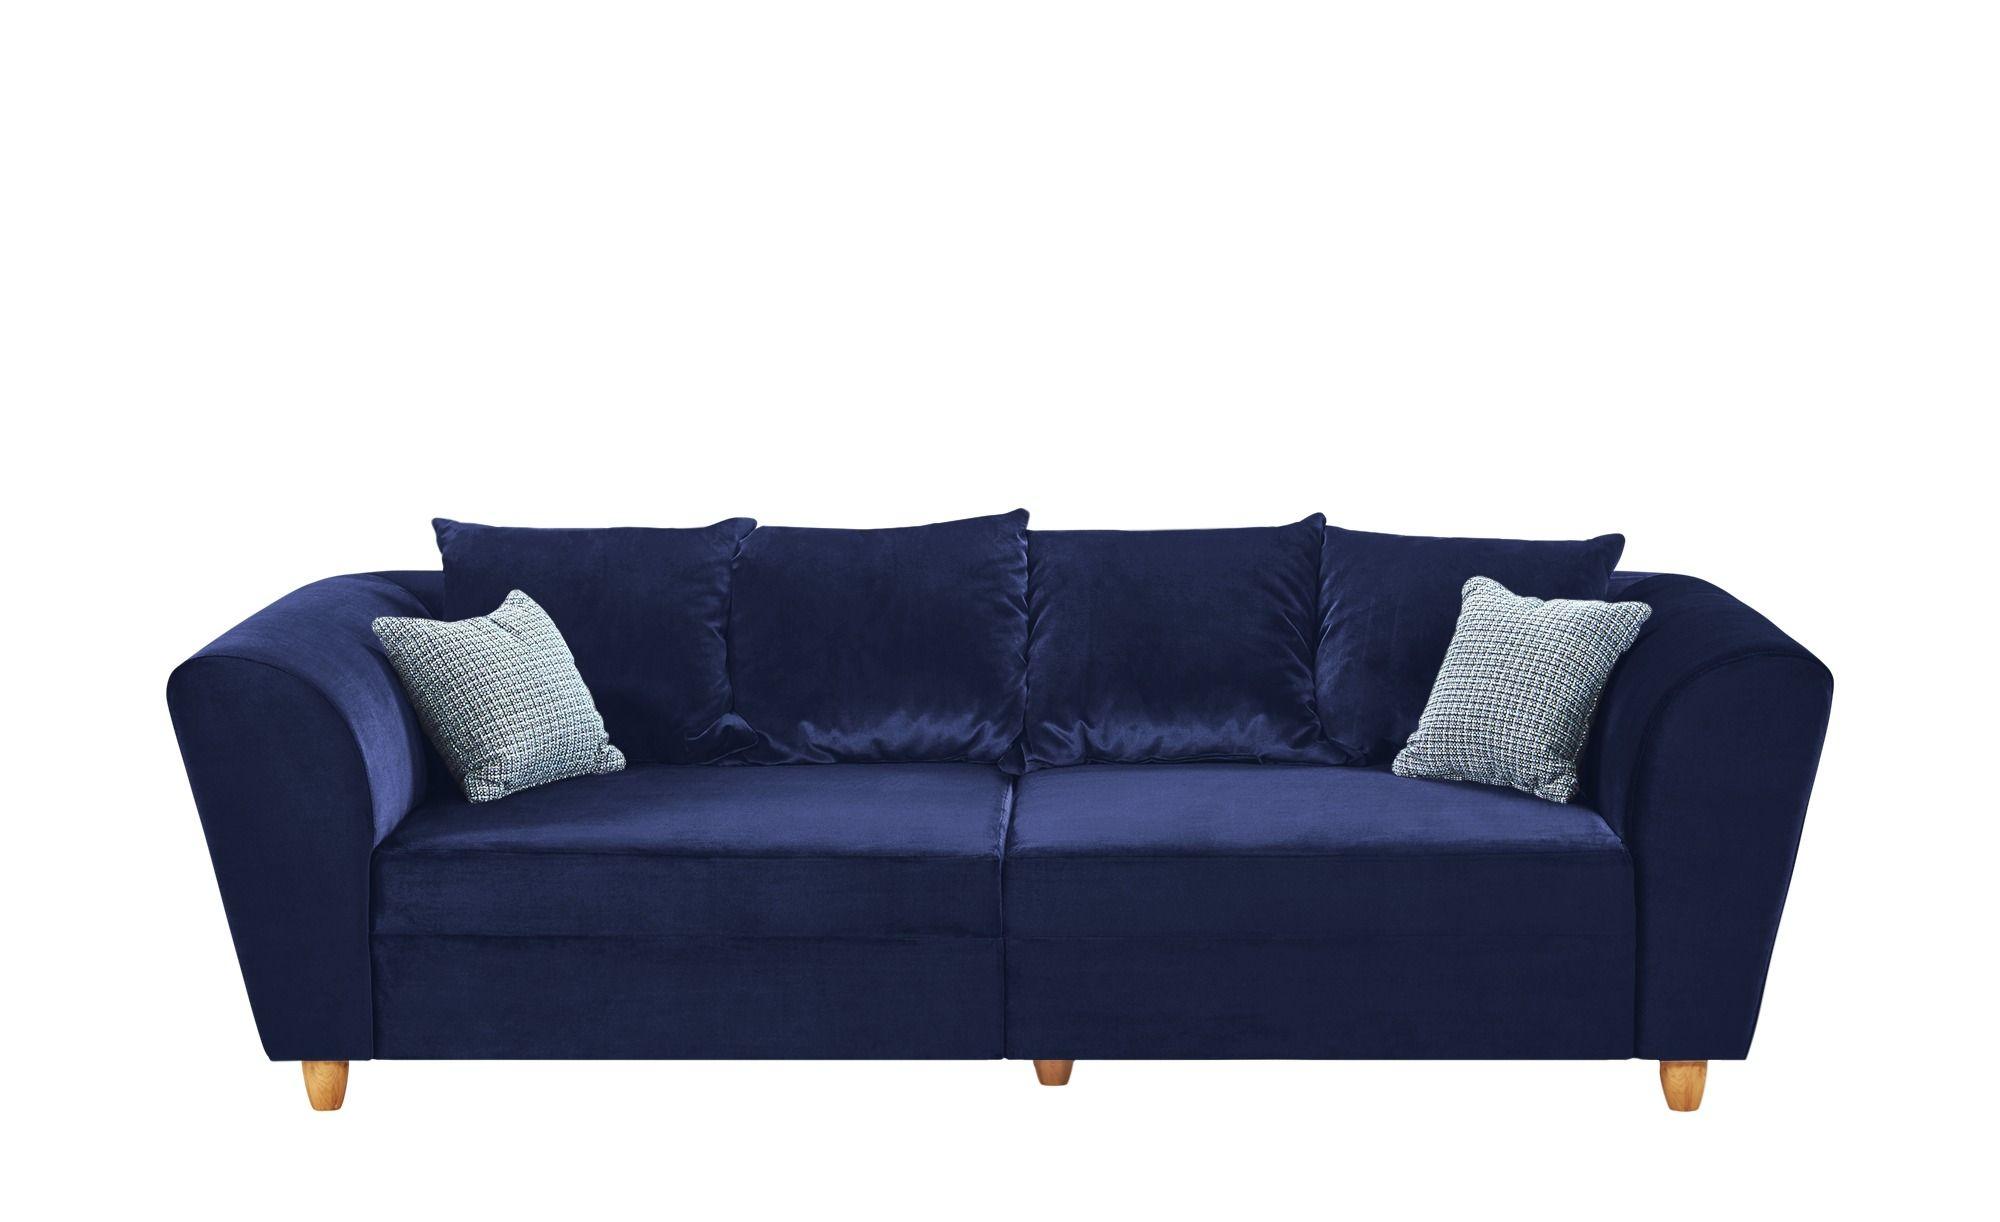 Wohnzimmer Couch Leder concernant Otto Wohnzimmer Sofa Neu